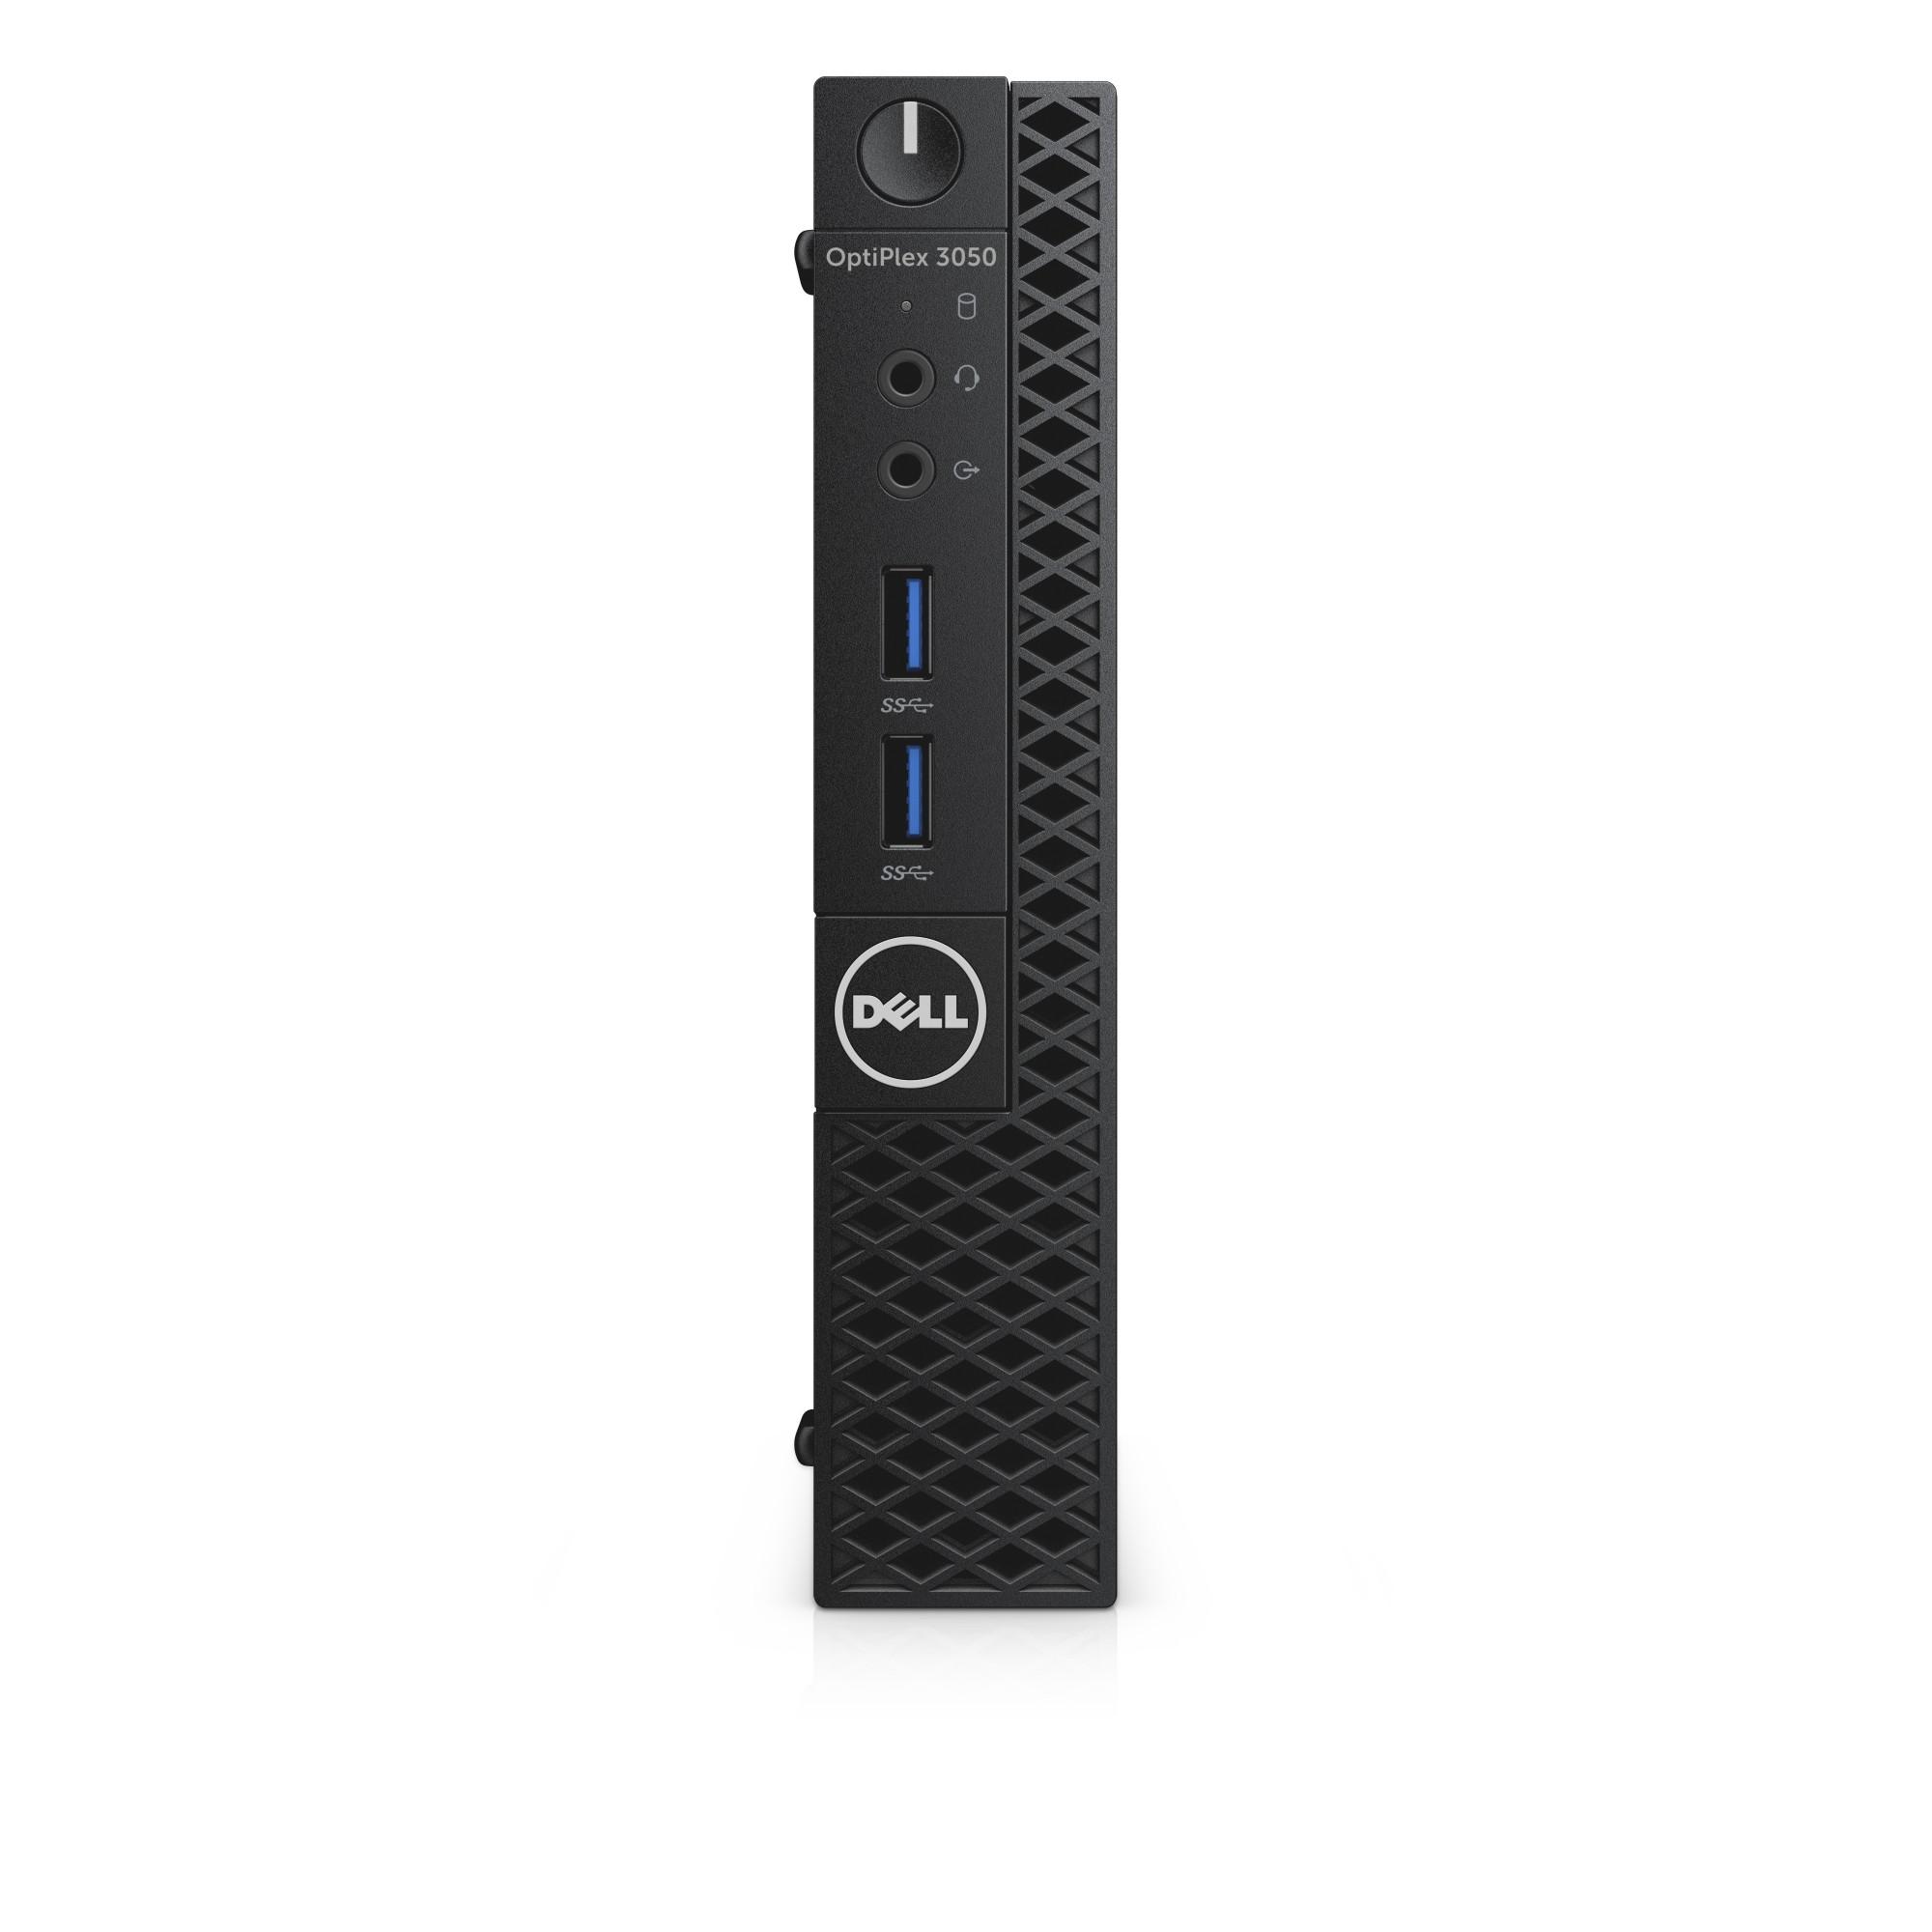 Dell Optiplex 3050 34ghz I3 7100t Micro Tower Black Mini Pc Ywjfv